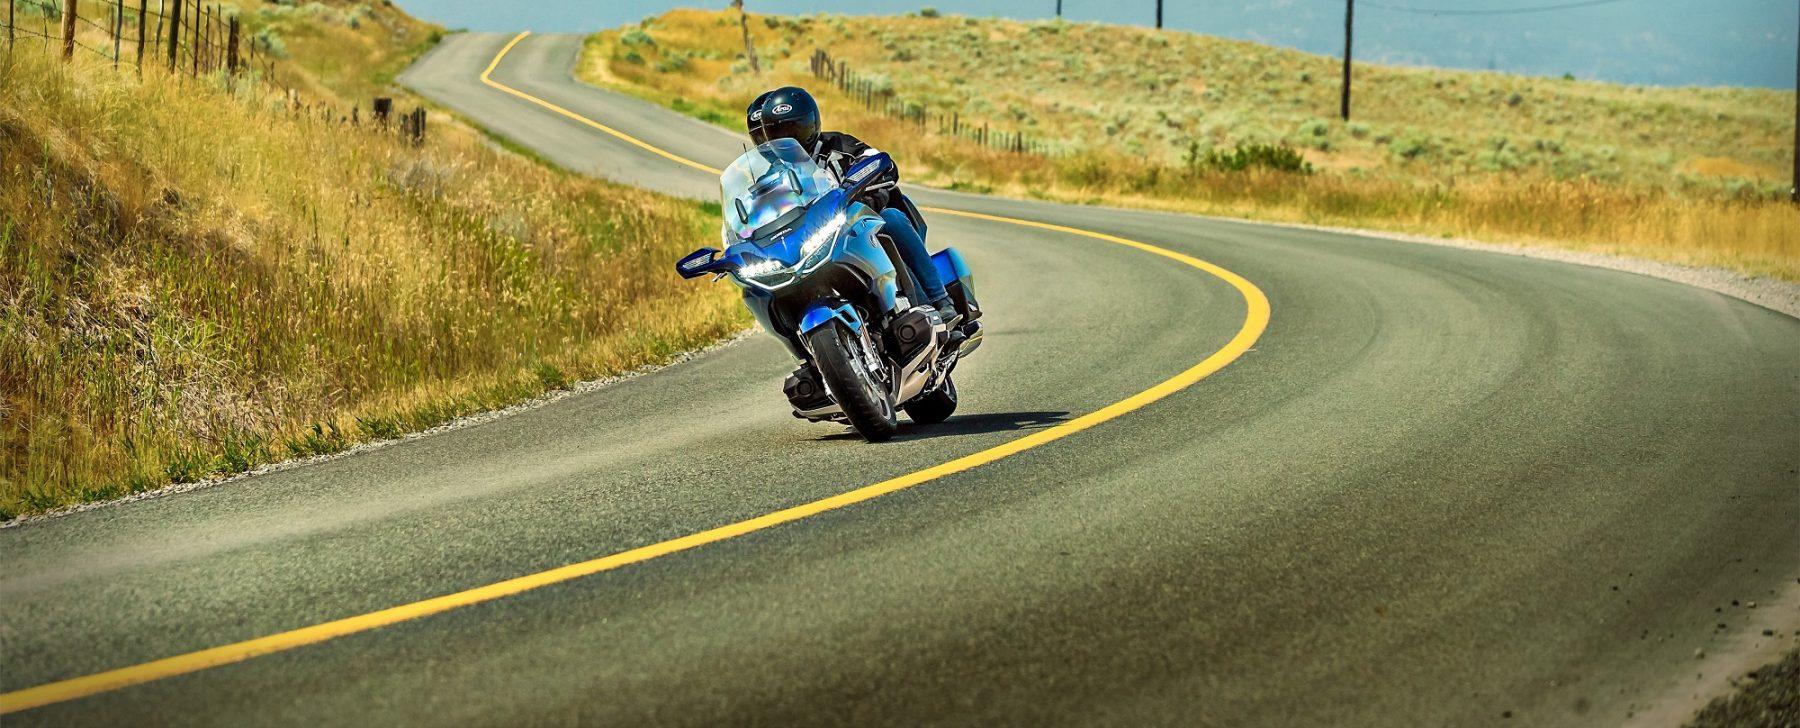 Las motos ofrecen grandes experiencias, que se deben disfrutar con seguridad.